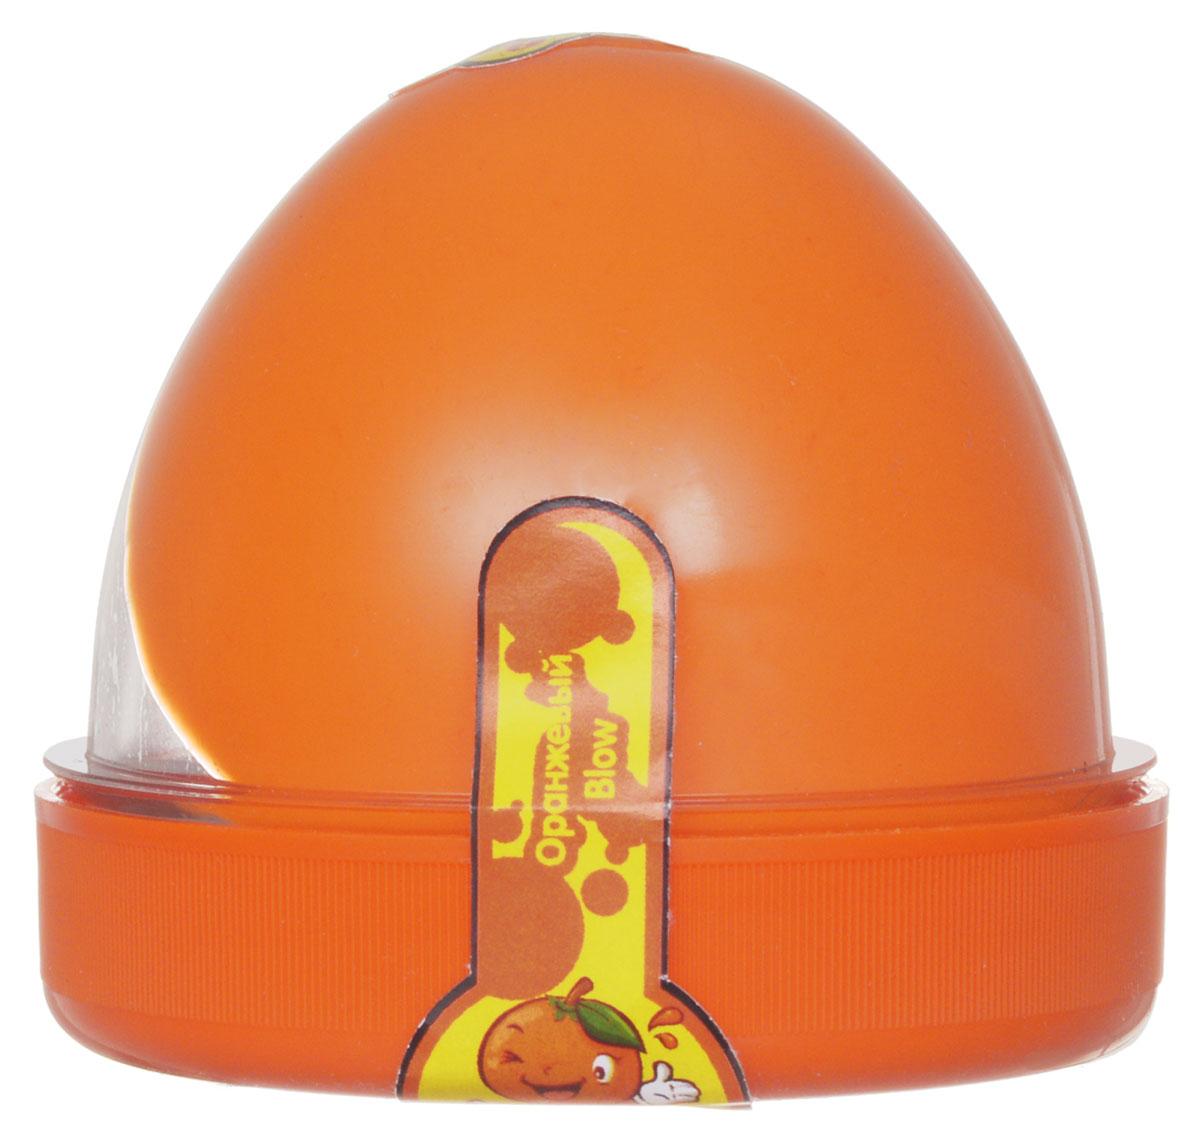 """Жвачка для рук """"ТМ HandGum"""", цвет: оранжевый, с запахом апельсина, 35 г"""